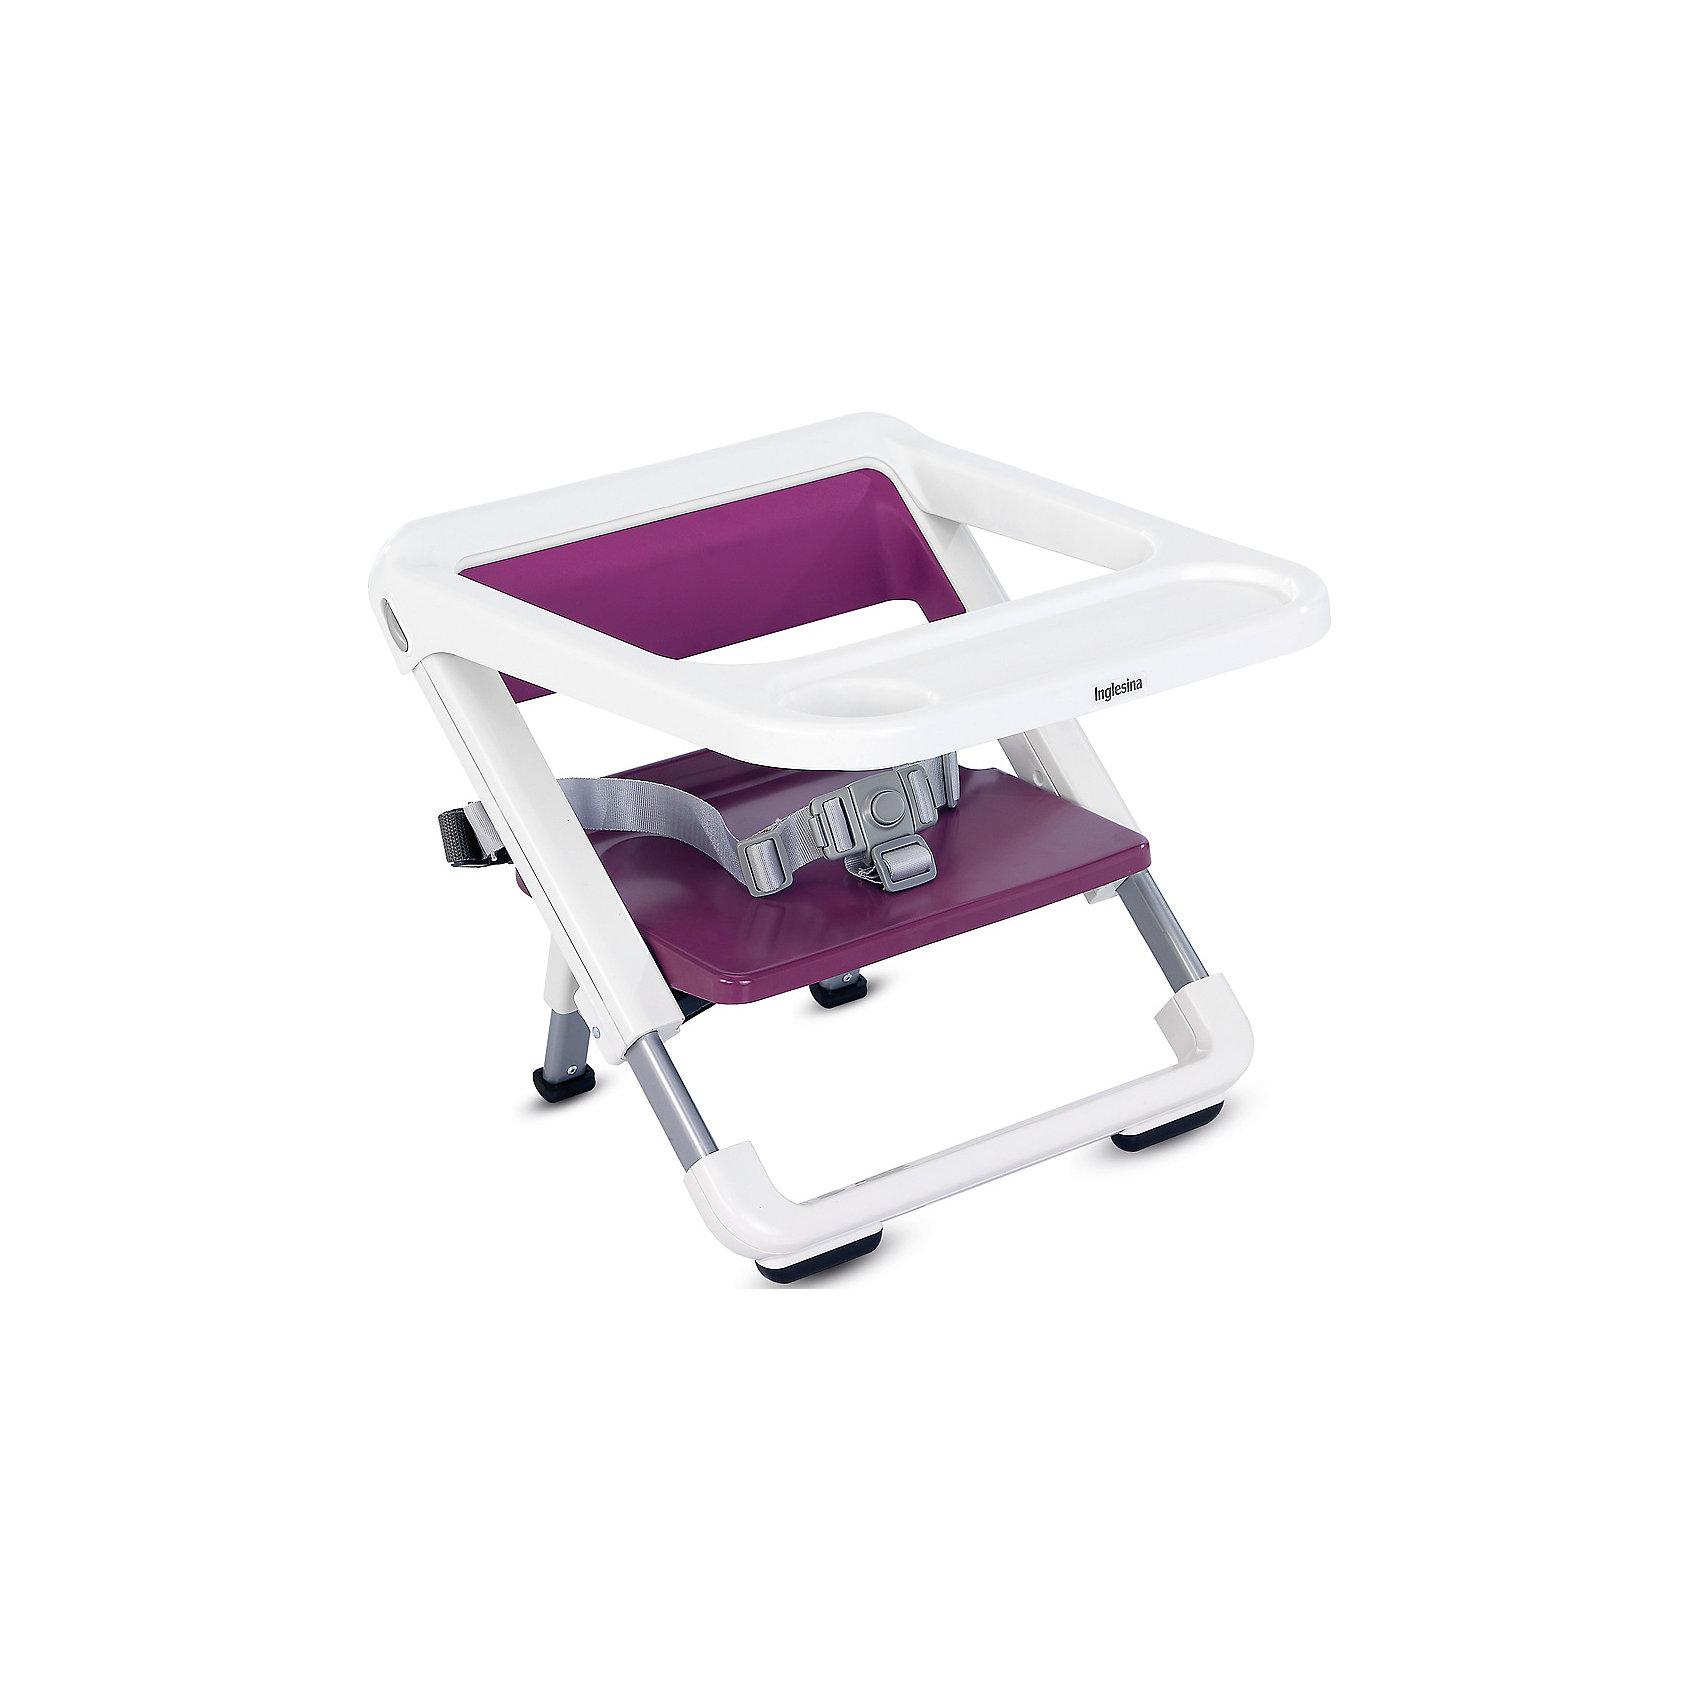 Переносной стул-подставка Brunch, Inglesina, grapeот +6 месяцев<br>Переносной стул-подставка Brunch невероятно компактный и удобный - прекрасный вариант для малышей и их родителей. Основательный, практичный и легкий, каркас Brunch подходит к большинству моделей стульев, позволяя ребенку сидеть за столом вместе со взрослыми. Практичный съемный поднос оказывается незаменимым для кормления малышей. Резиновая препятствующая скольжению подложка, имеющаяся на переднем держателе, защищает каркас от случайных и опасных соскальзываний со стула. Стул очень быстро складывается и убирается в практичную небольшую сумку (в комплекте), в сложенном состоянии занимает мало места. <br><br>Дополнительная информация:<br><br>- Материал: пластик, резина.<br>- Размер: 36,5 x 27,5/32,5 x 28/33 см.<br>- Размер в сложенном виде: 36,5 x 6 x 38 см.<br>- Вес: 2 кг.<br>- Ремни безопасности.<br>- Съемный поднос. <br>- Резиновая подножка.<br>- Сумка для переноски в комплекте.<br><br>Переносной стул-подставка Brunch, Inglesina (Инглезина), можно купить в нашем магазине.<br><br>Ширина мм: 387<br>Глубина мм: 276<br>Высота мм: 441<br>Вес г: 3020<br>Возраст от месяцев: 6<br>Возраст до месяцев: 36<br>Пол: Унисекс<br>Возраст: Детский<br>SKU: 4764275